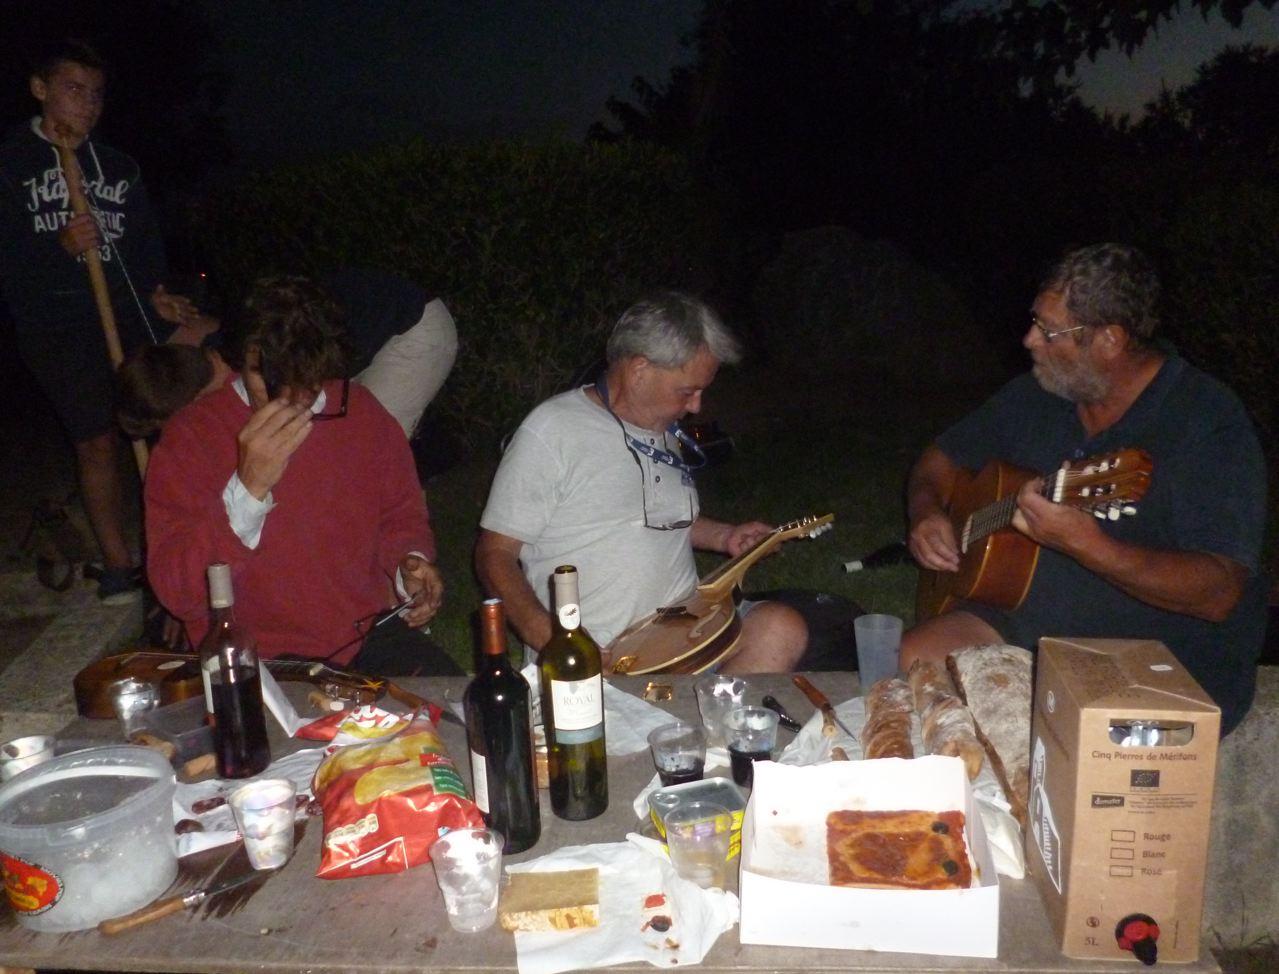 Grand Festu Vers l'infini et Aude là, Saison 2 : 20 et 21 septembre 2014 - Page 3 585549P1010953